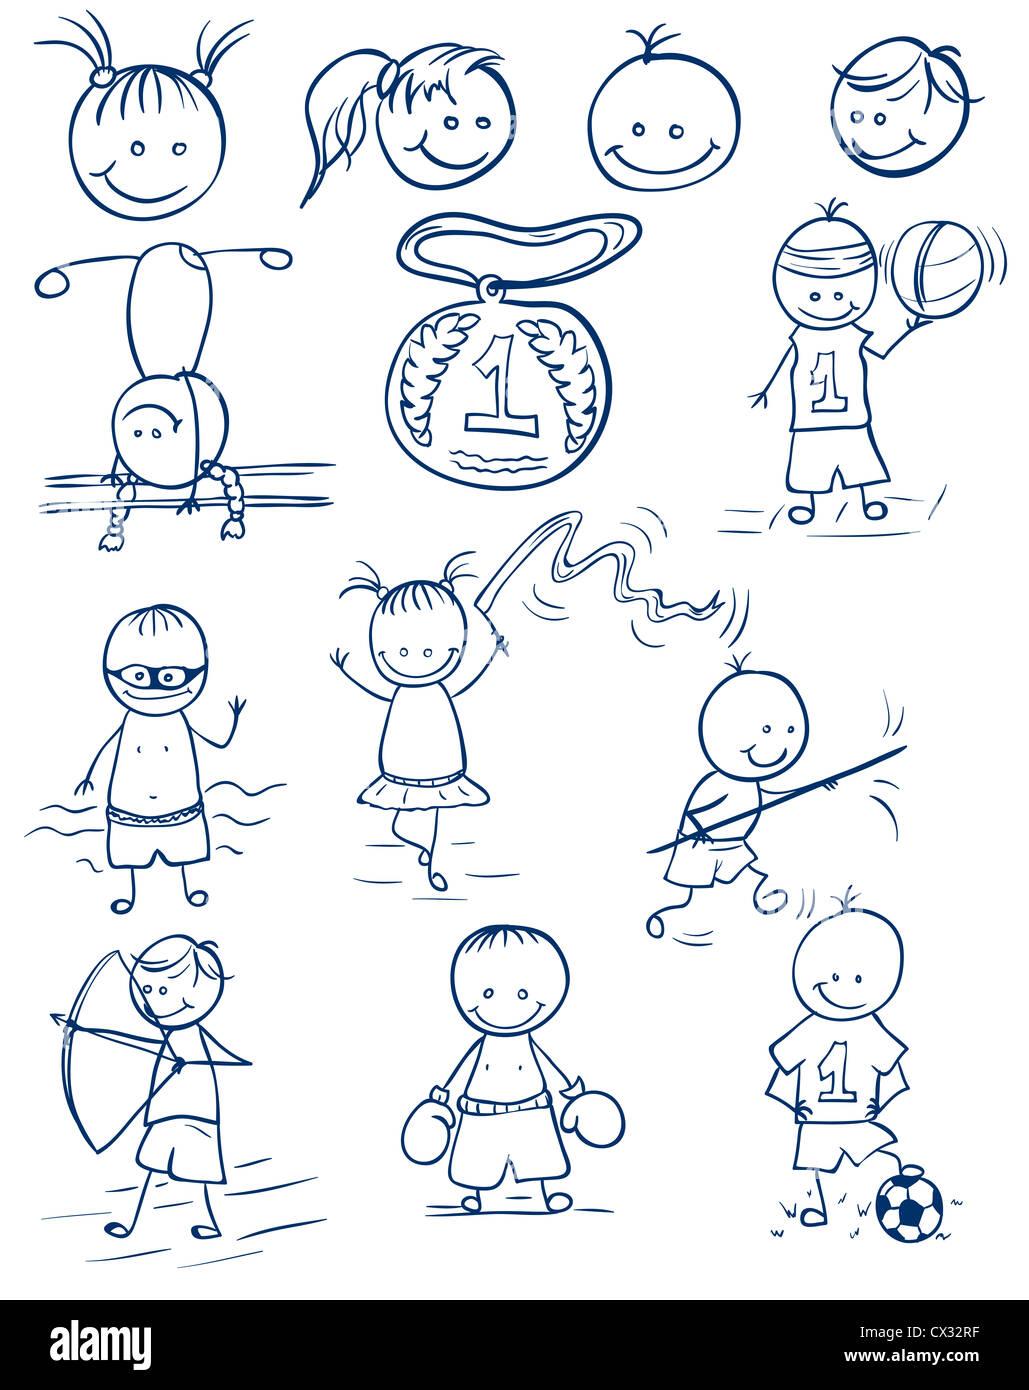 Divertente per bambini immagini di diversi atleti. Illustrazione eseguita nello stile scarabocchio. Immagini Stock